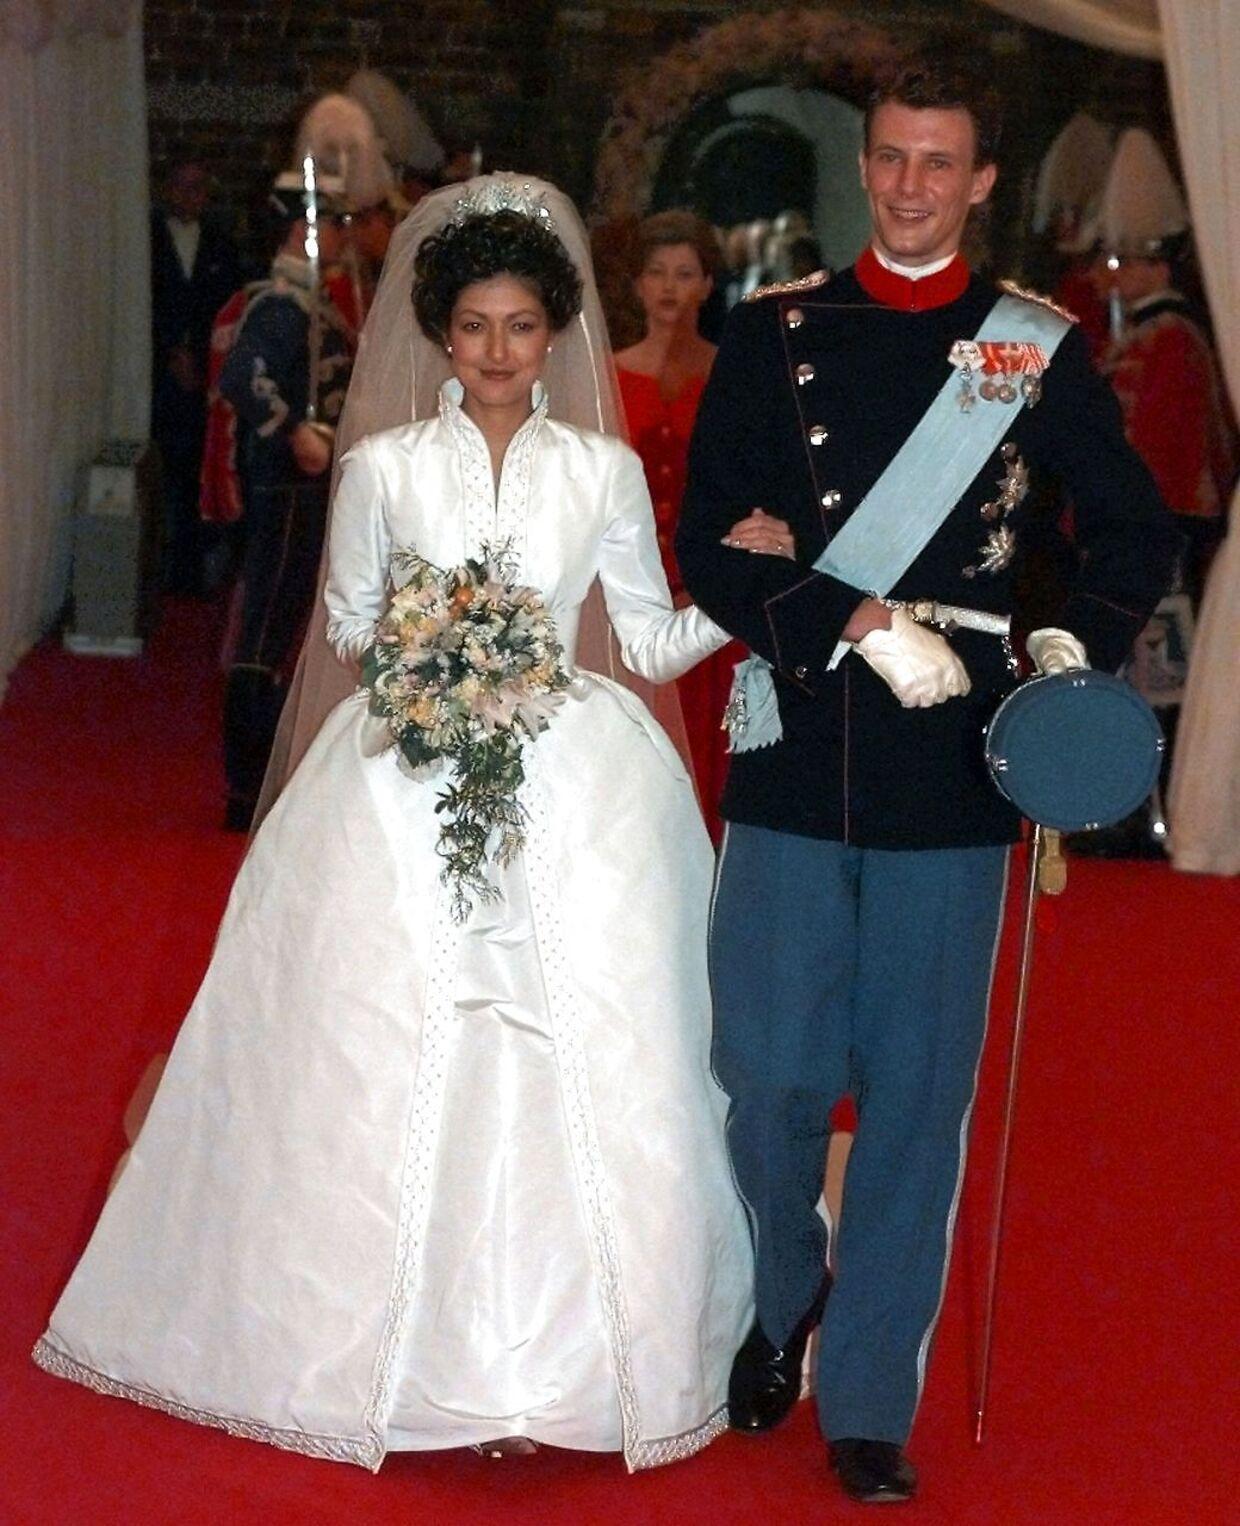 Prins Joachim blev gift ned prinsesse Alexandra den 18. november 1995.